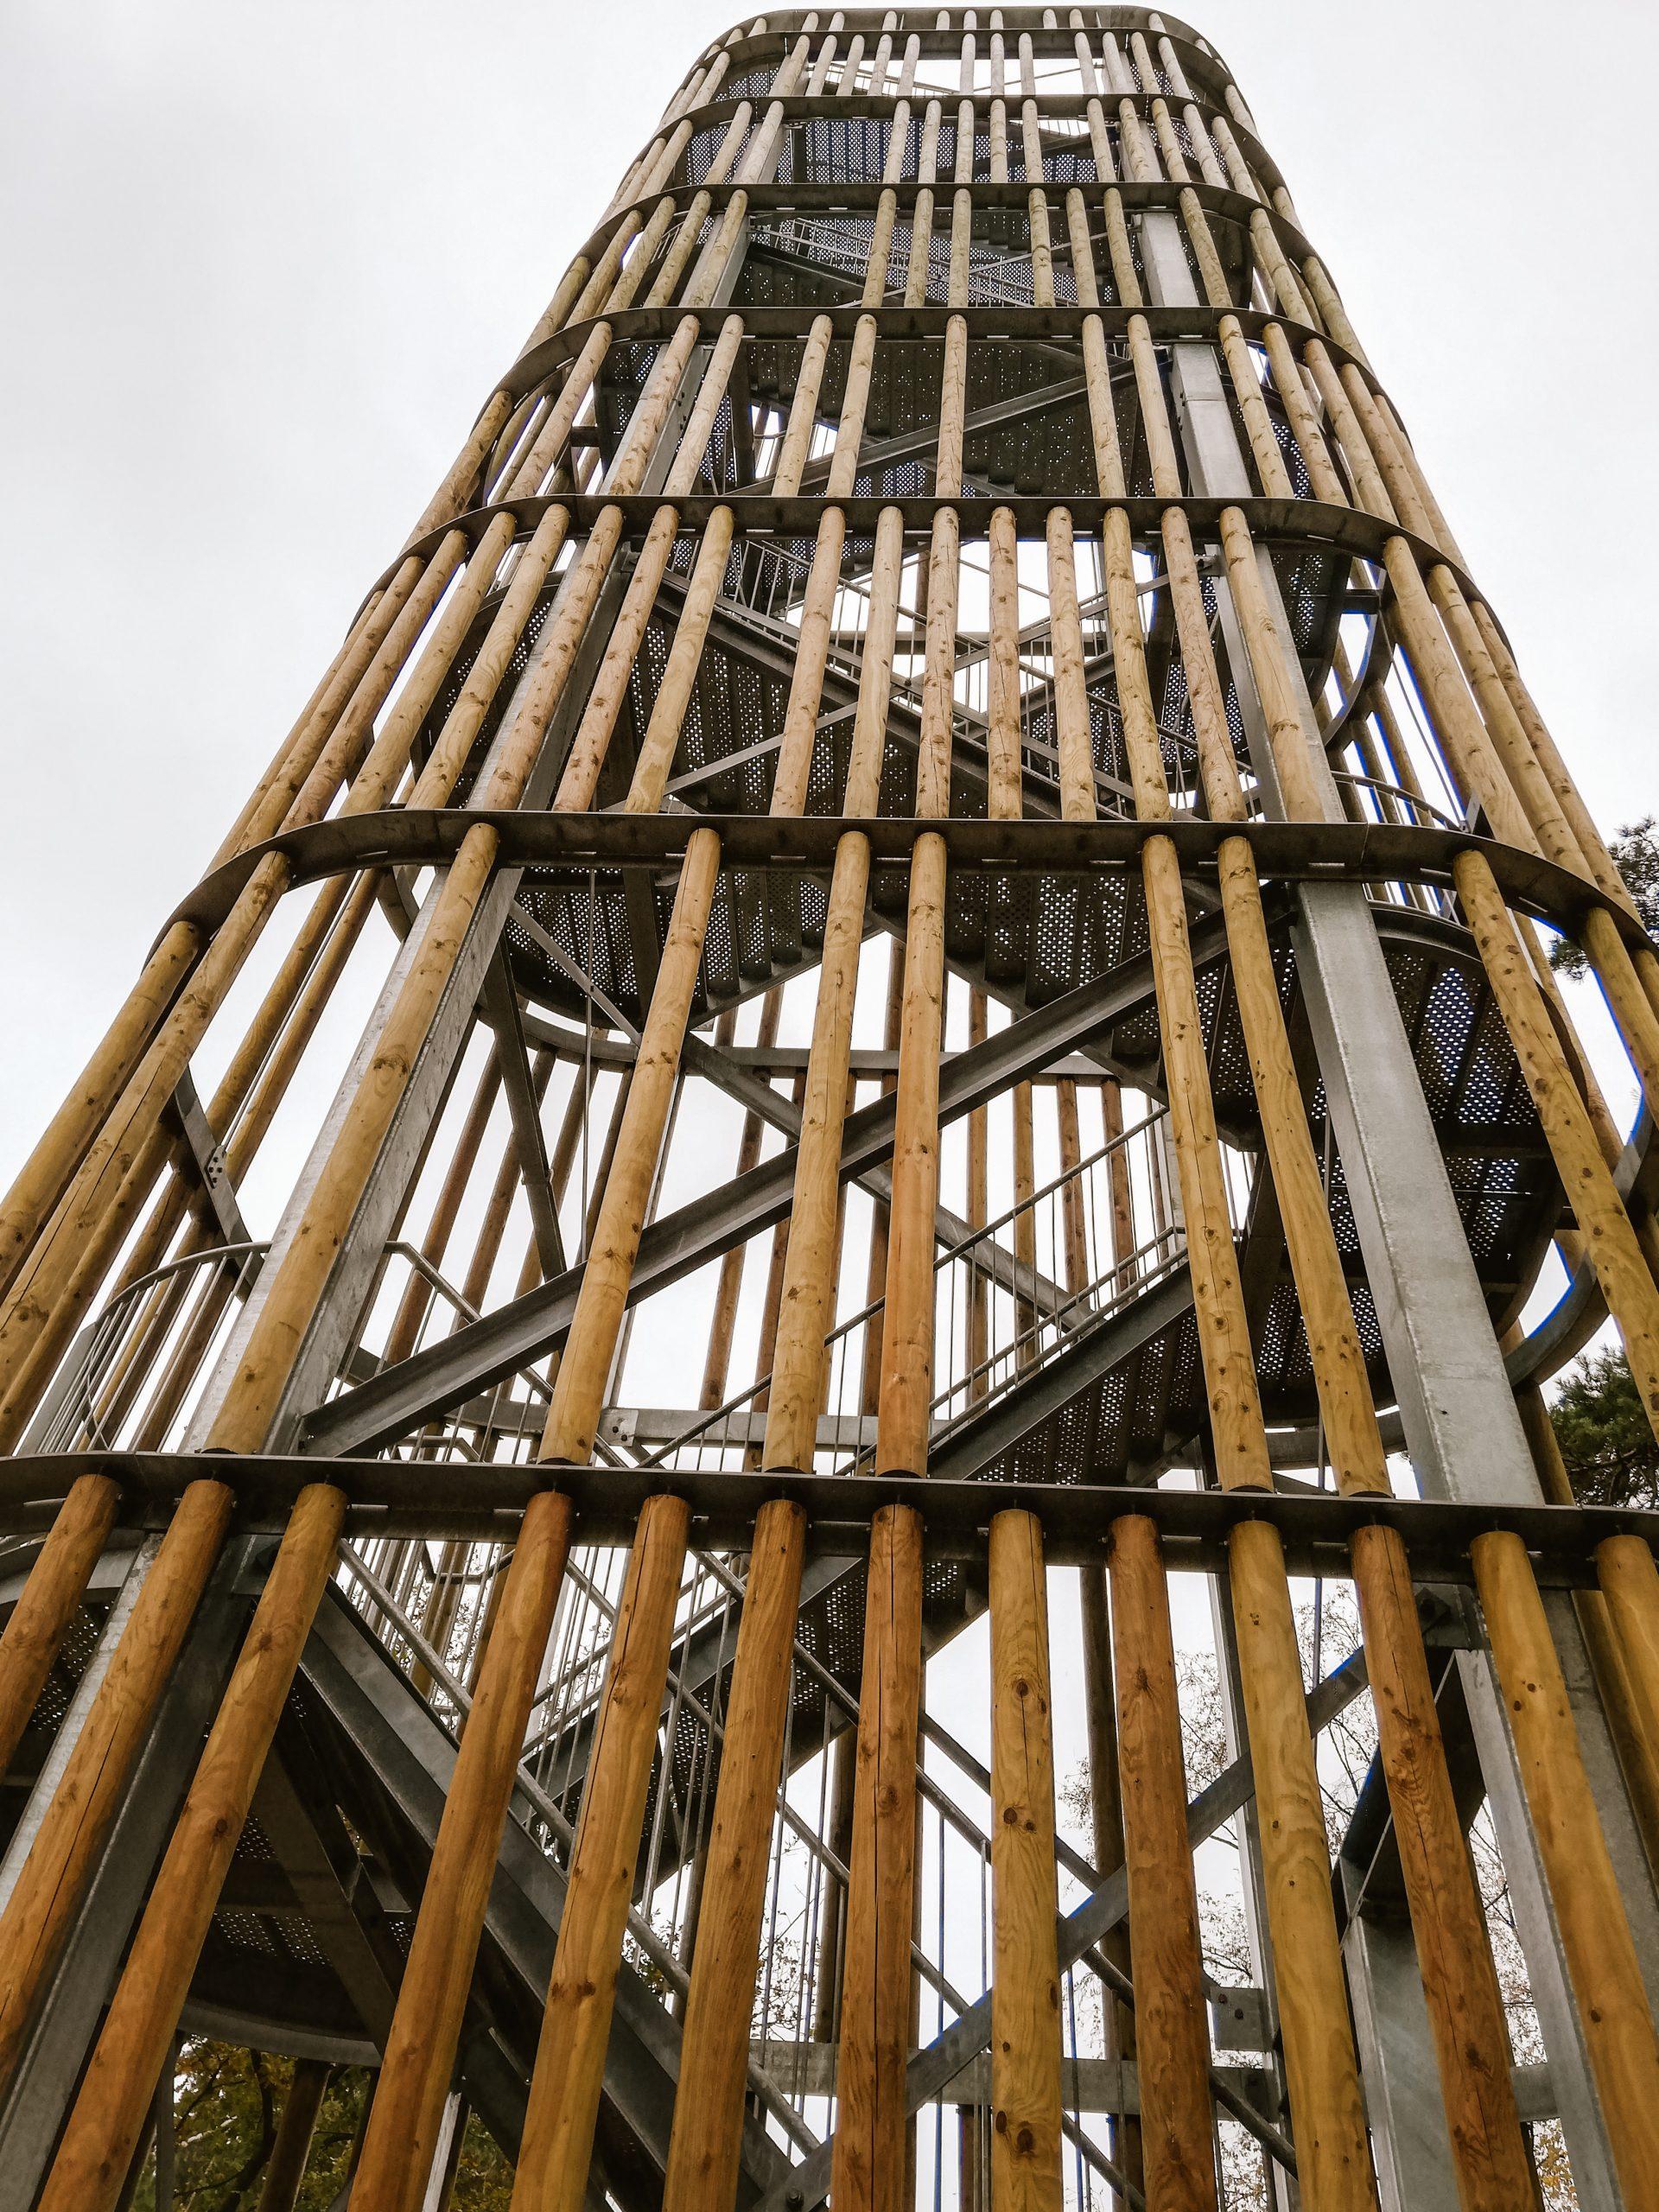 Uitkijktoren bij 't bomenpark, Oss